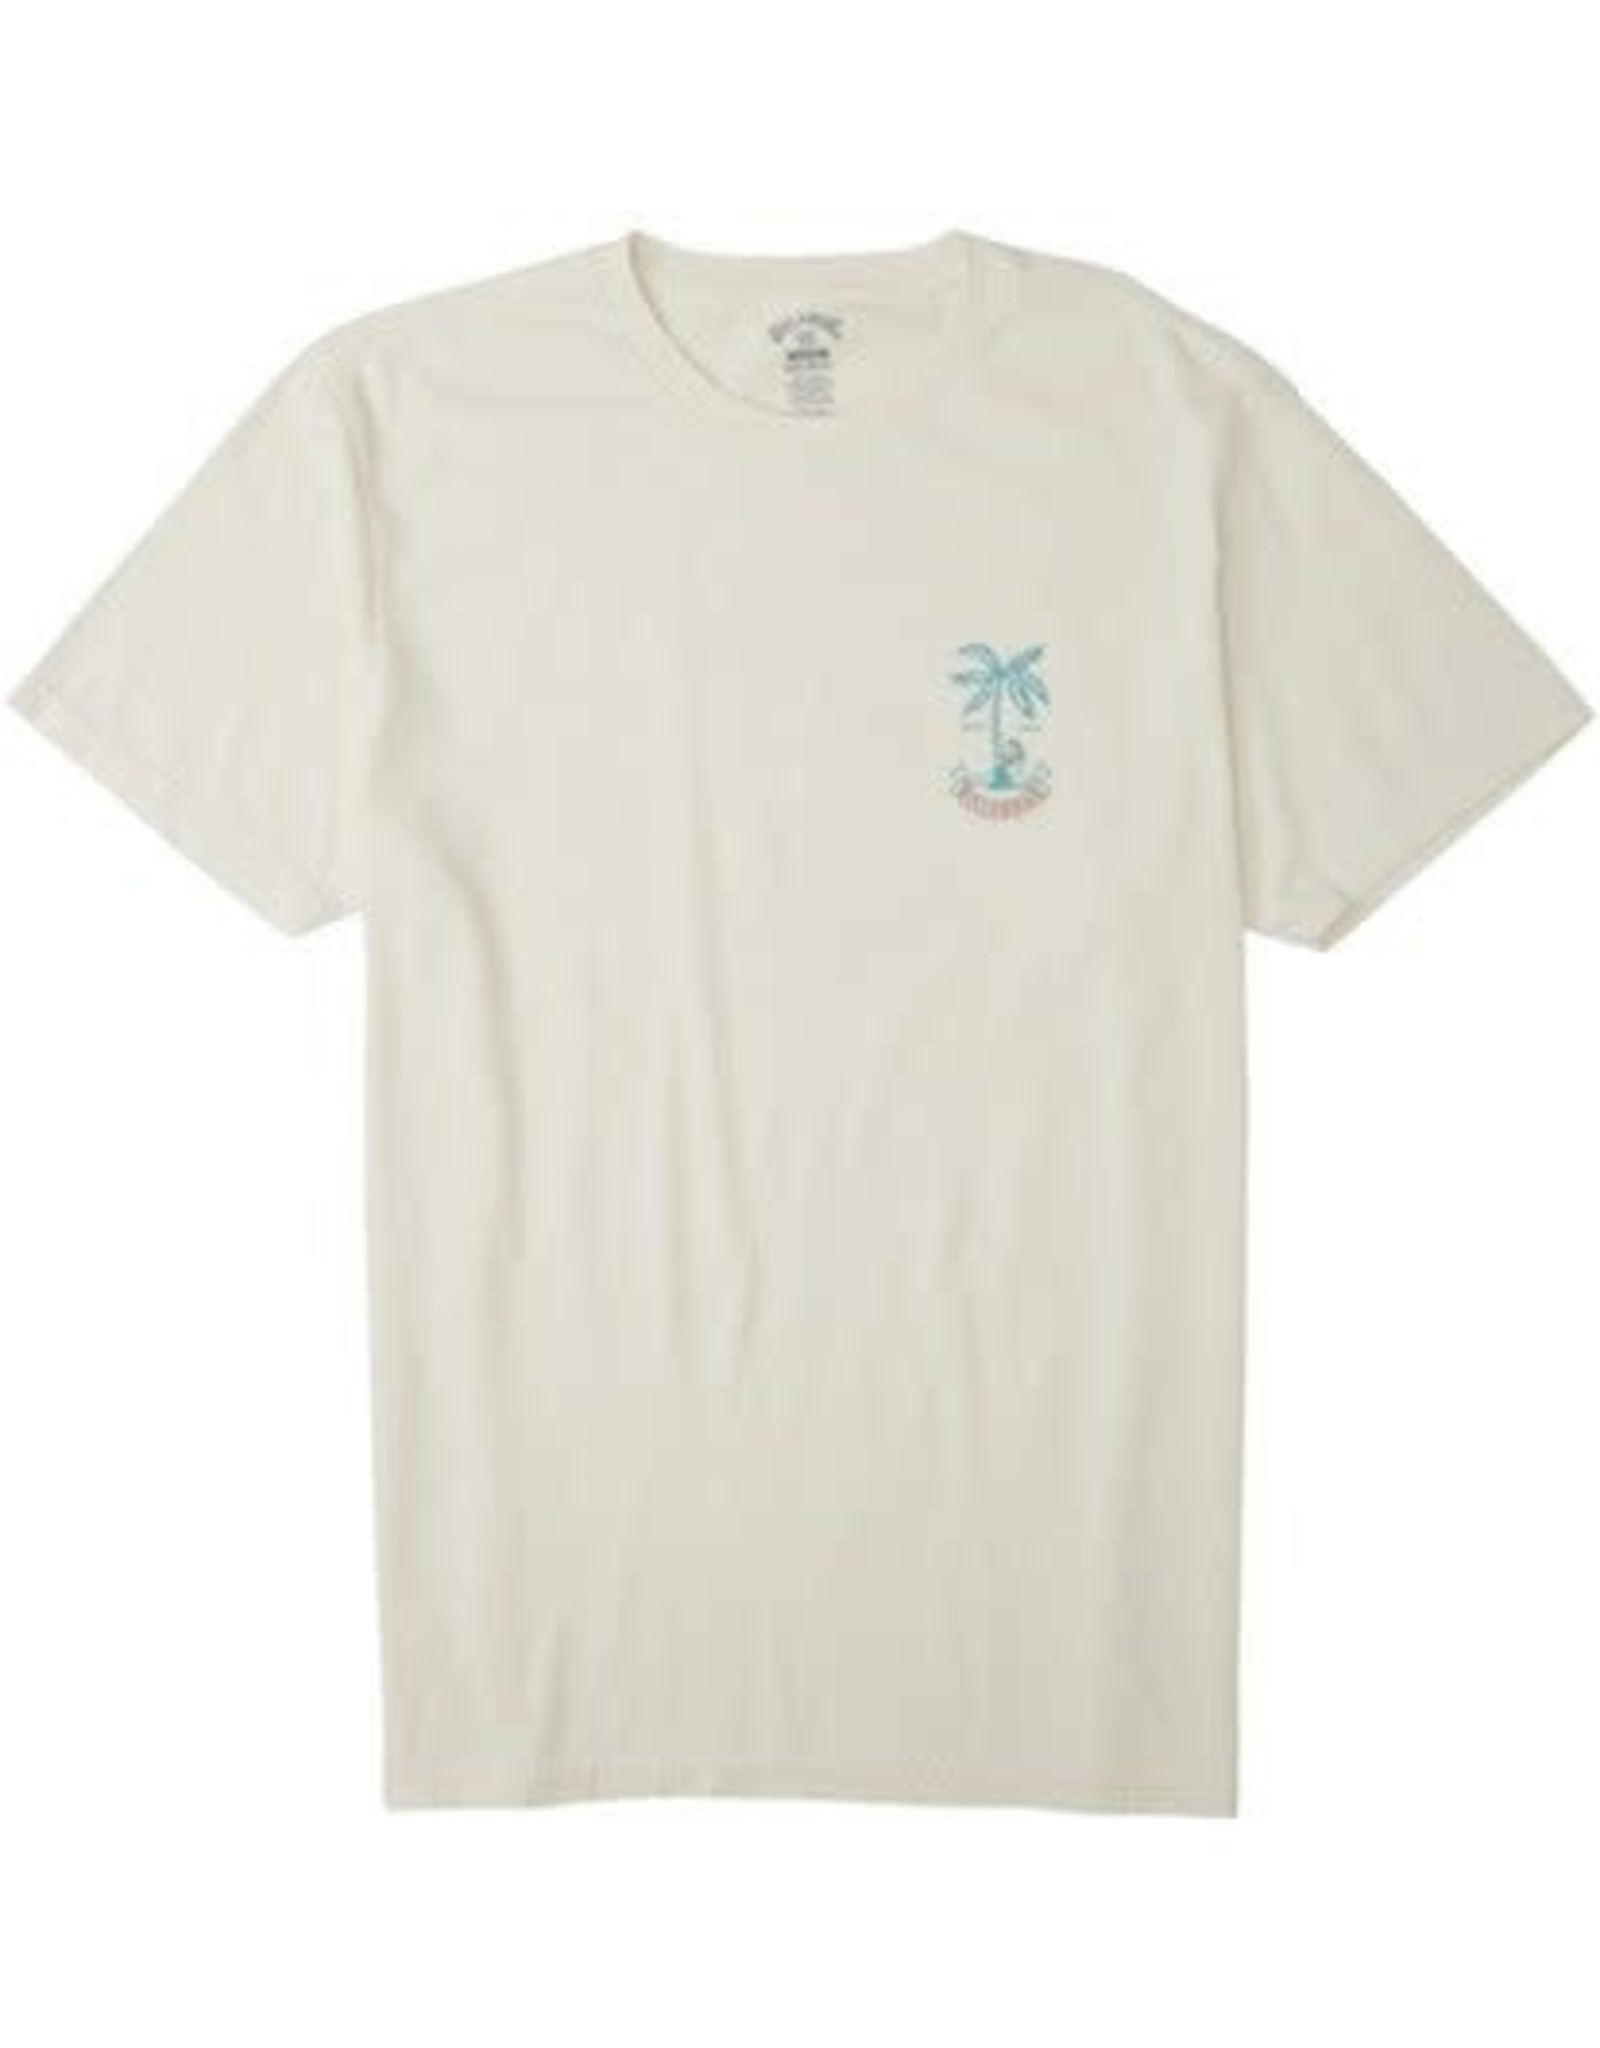 billabong Billabong - T-shirt homme lady palm off white